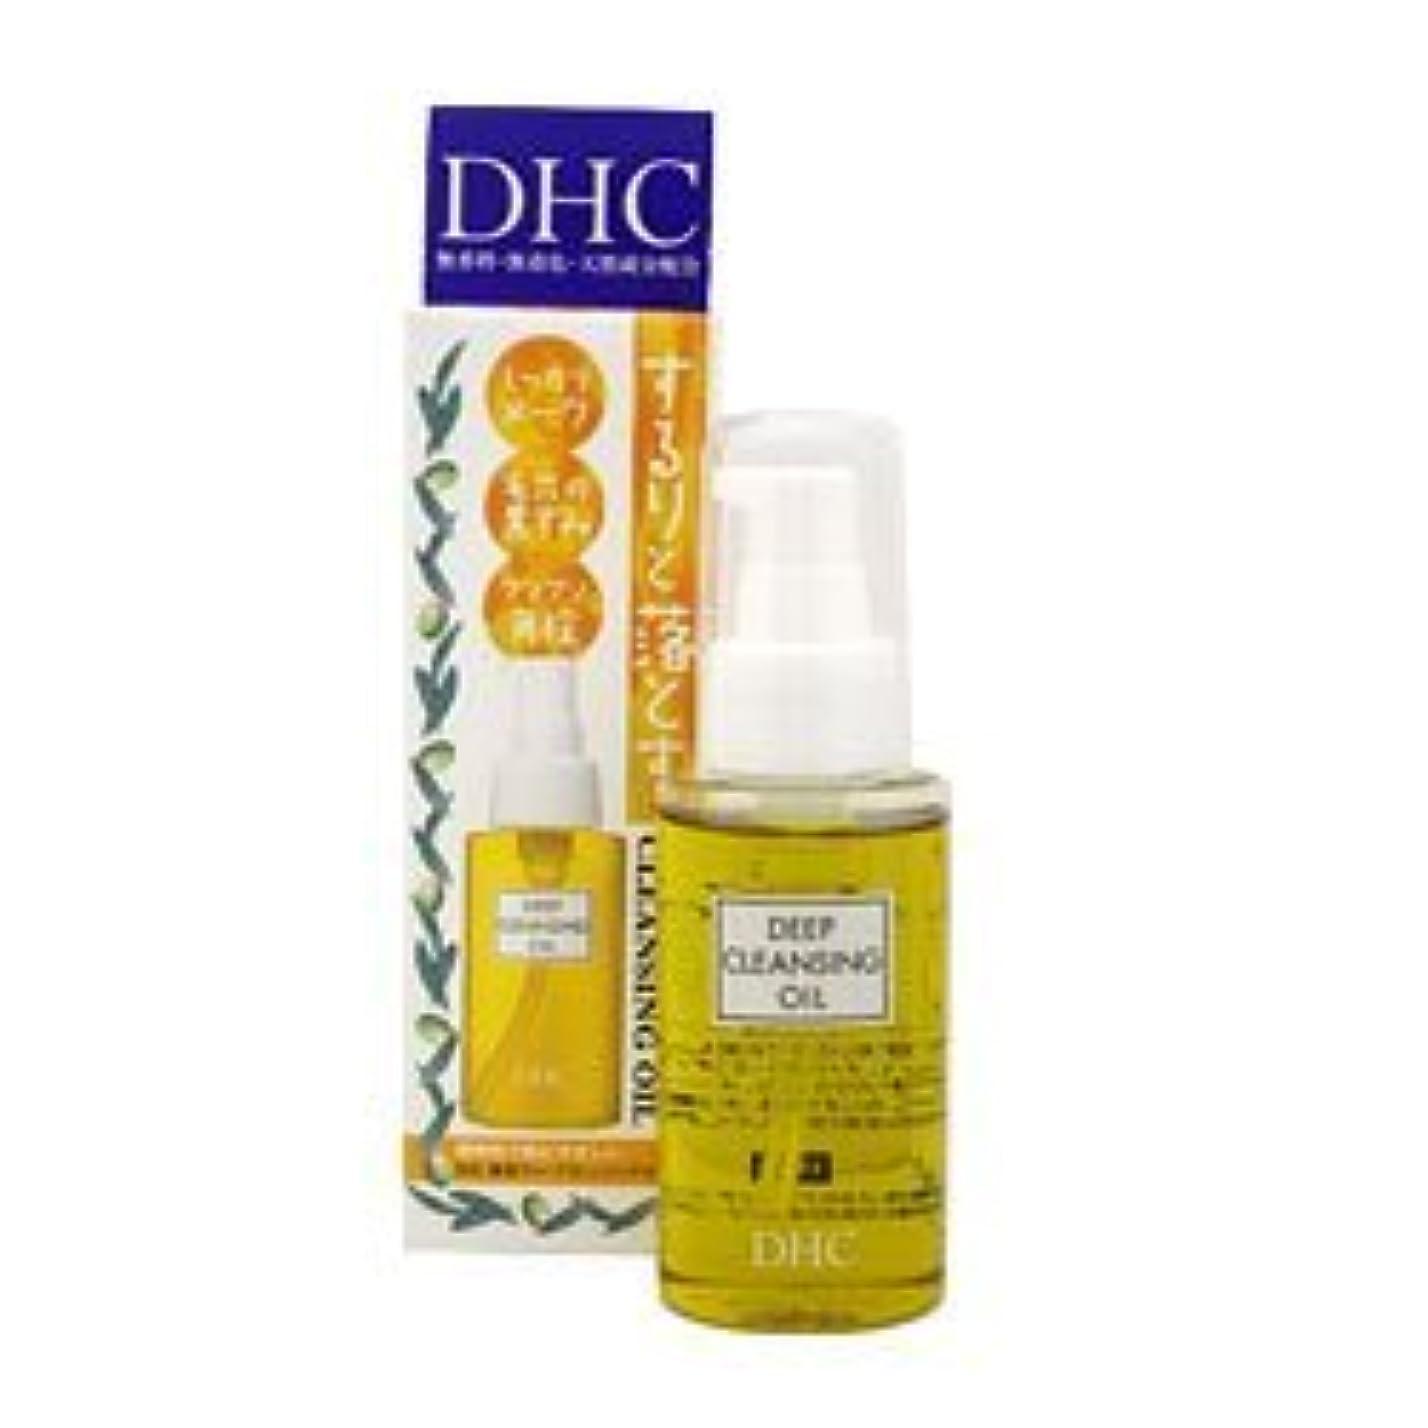 びっくりした関連する先駆者【DHC】DHC 薬用ディープクレンジングオイル(SS) 70ml ×20個セット